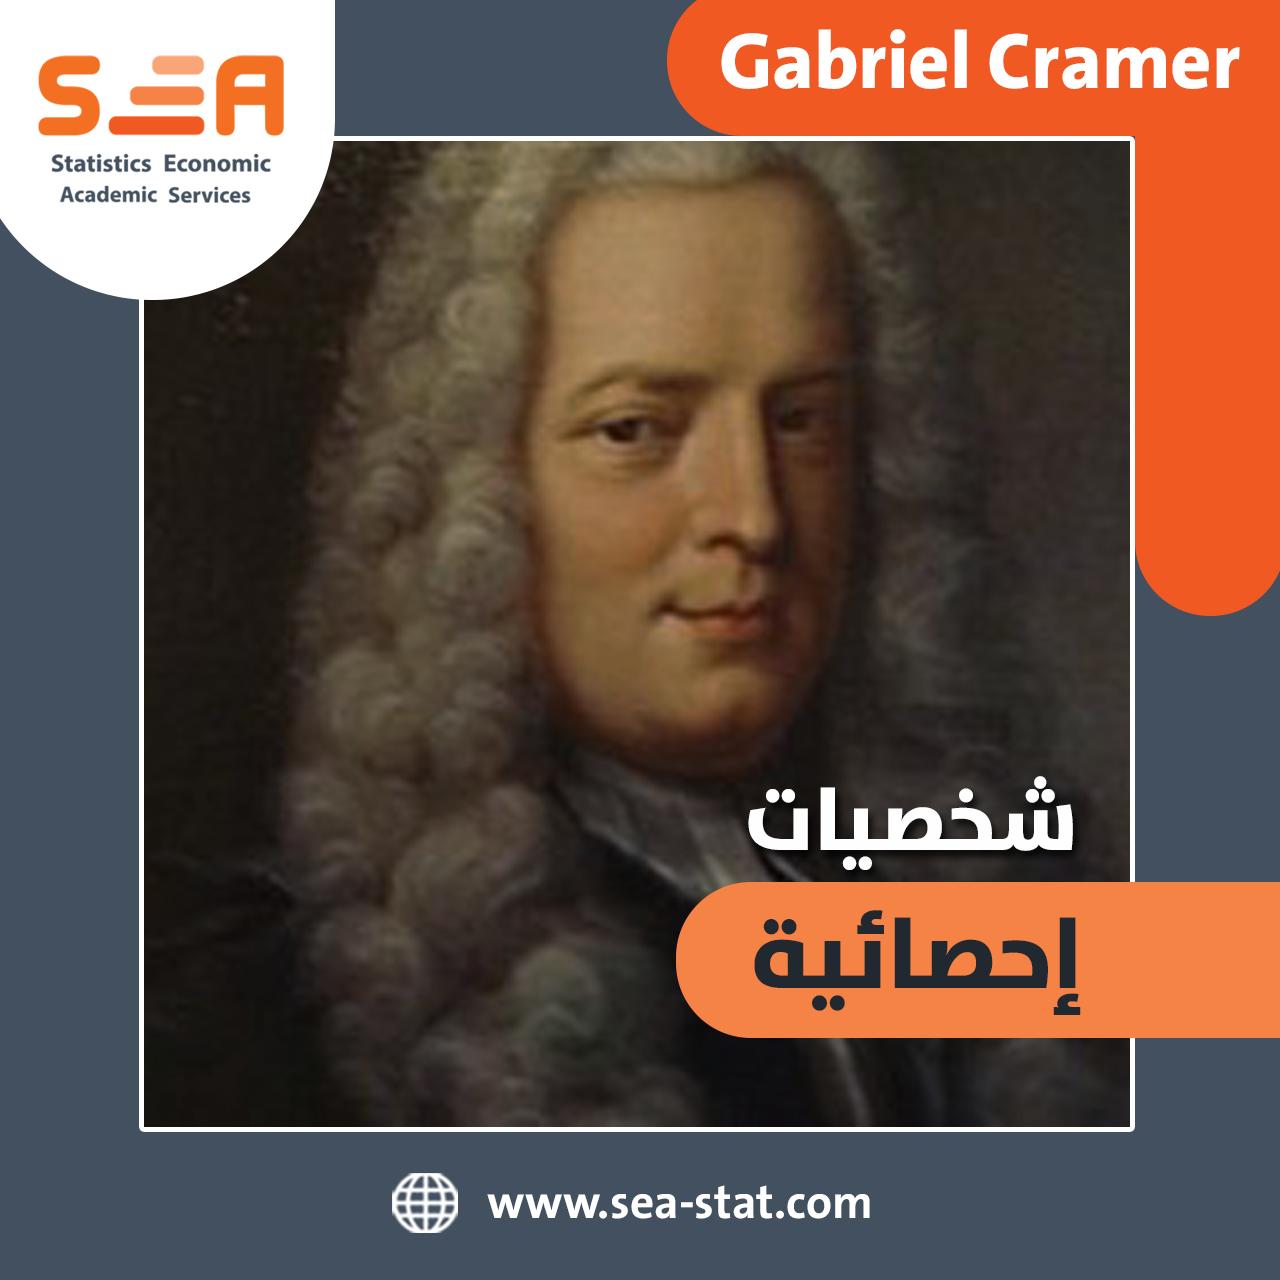 العالم غابرييل كرامر وإسهاماته في تطور العلوم